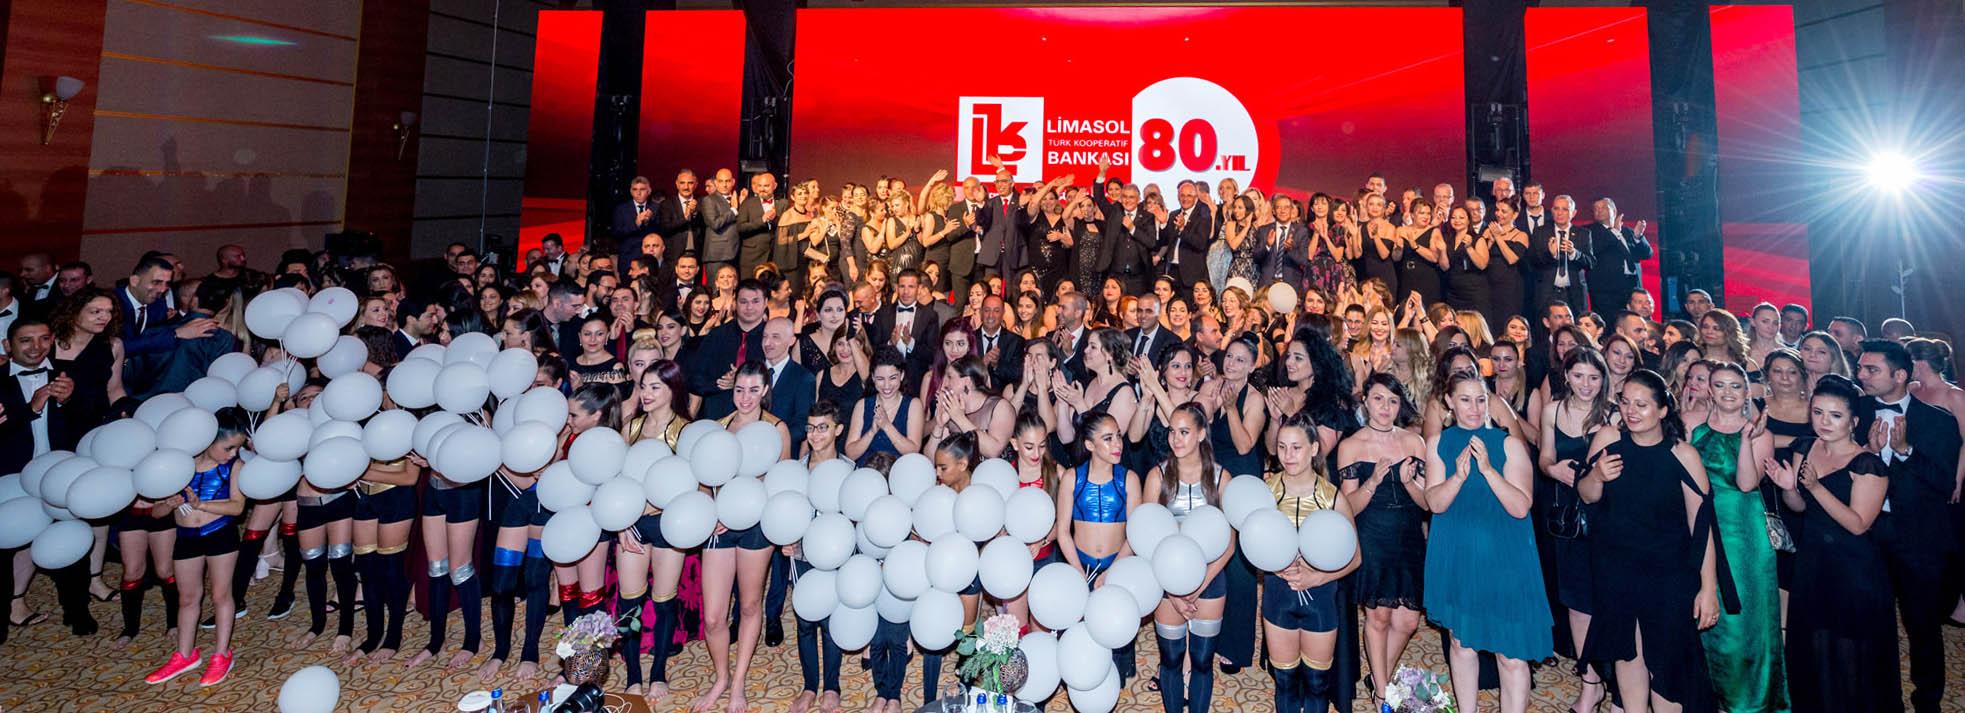 """Limasol Bankası'nın """"80. gurur yılı gala gecesi"""""""